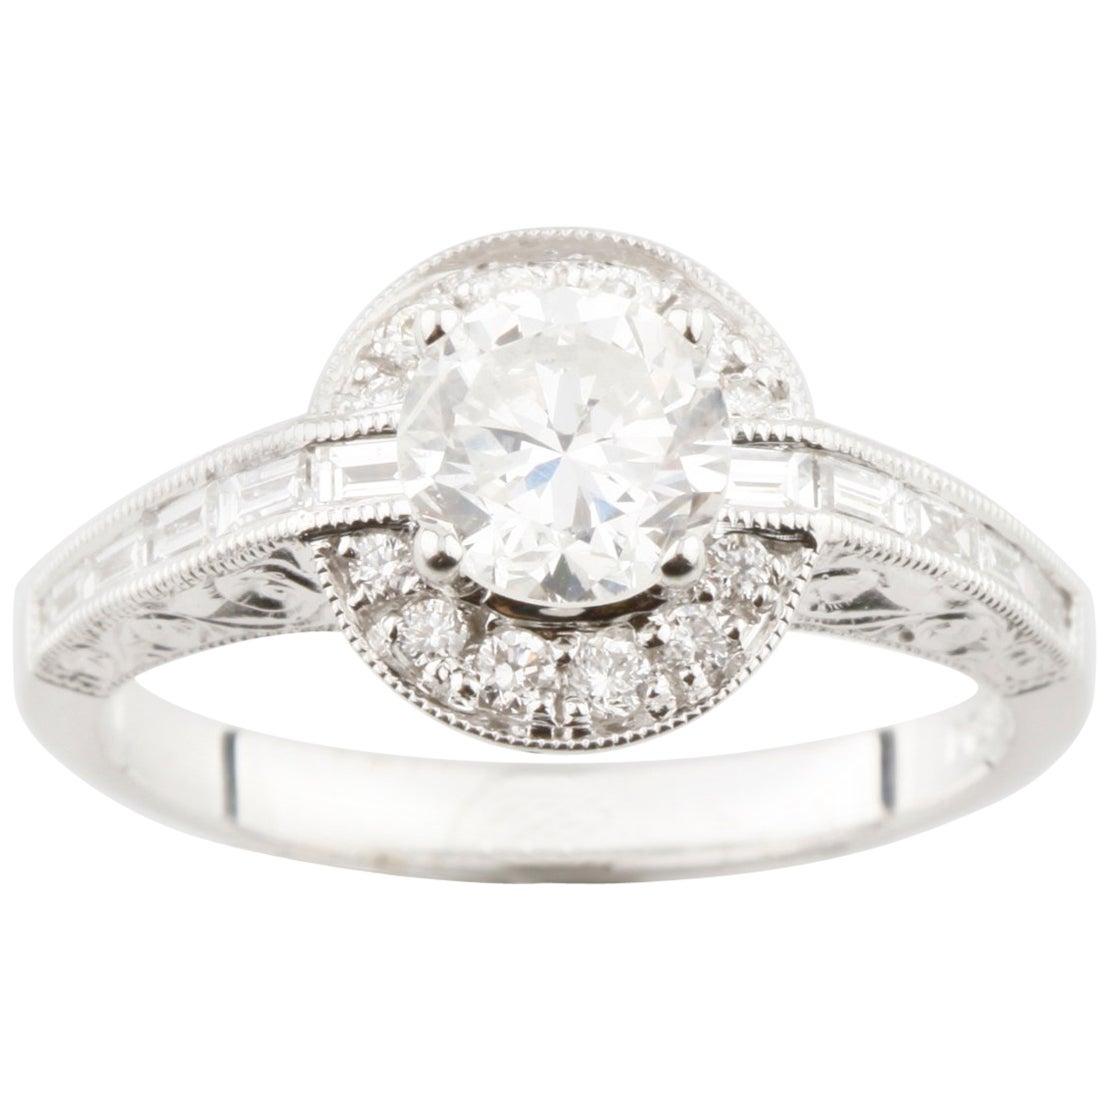 1.40 Carat Round Diamond Halo 18 Karat White Gold Engagement Ring